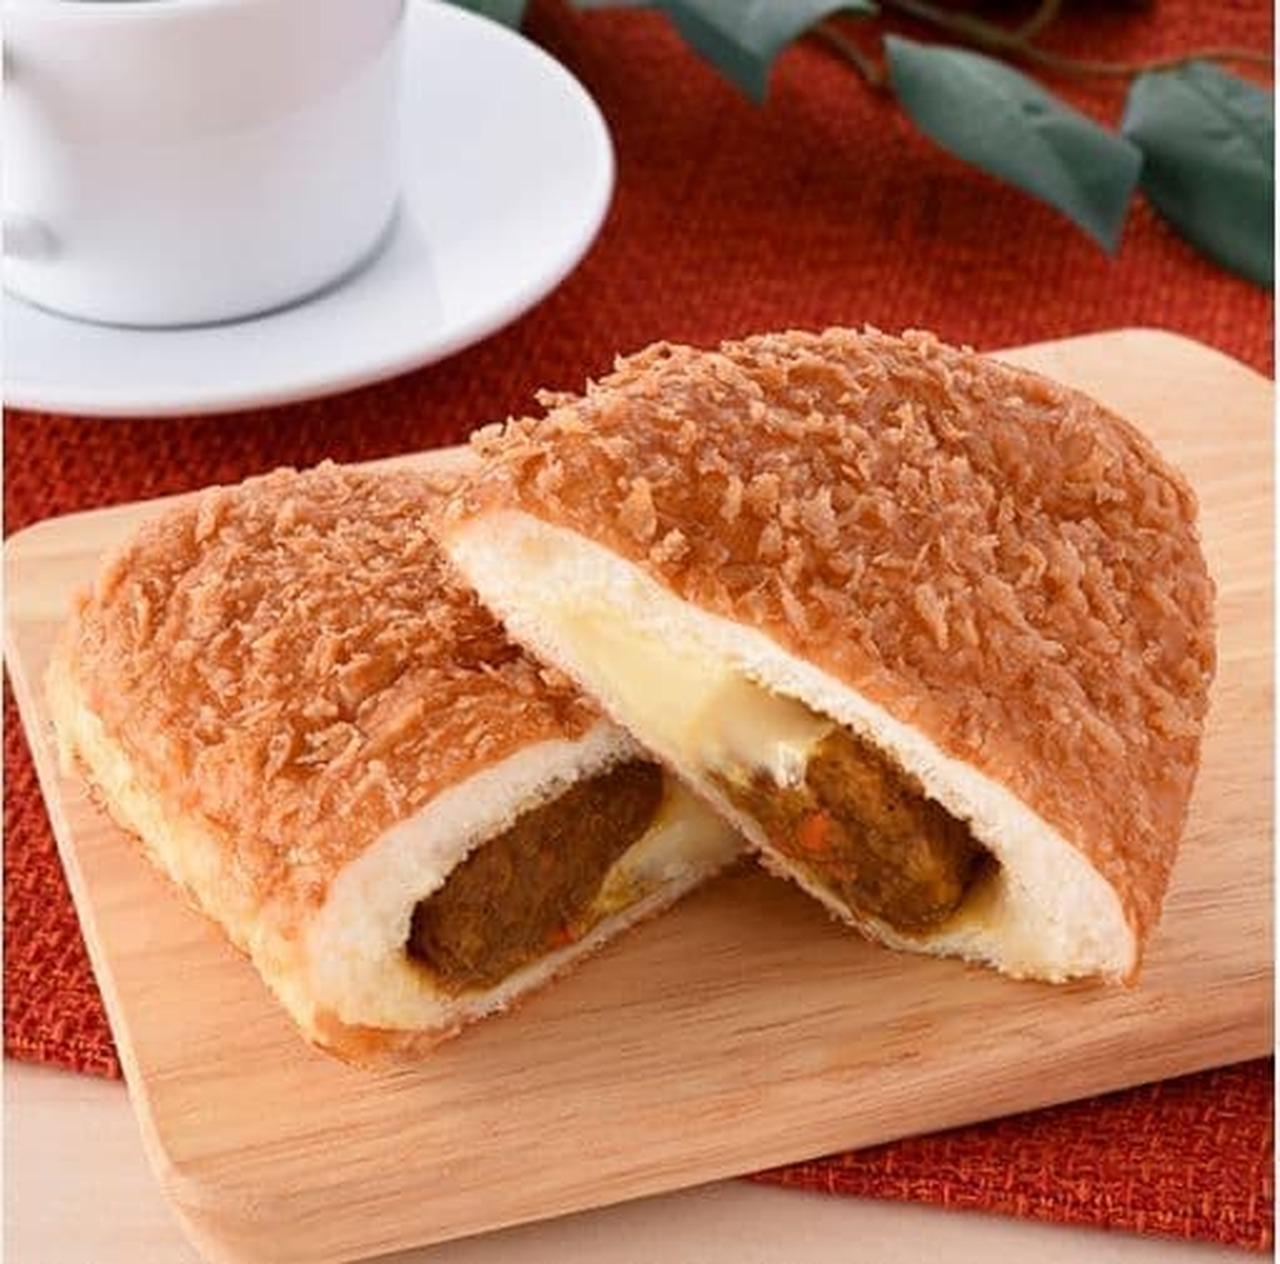 ファミリーマート「CoCo壱番屋監修 大きなチーズカレーパン」